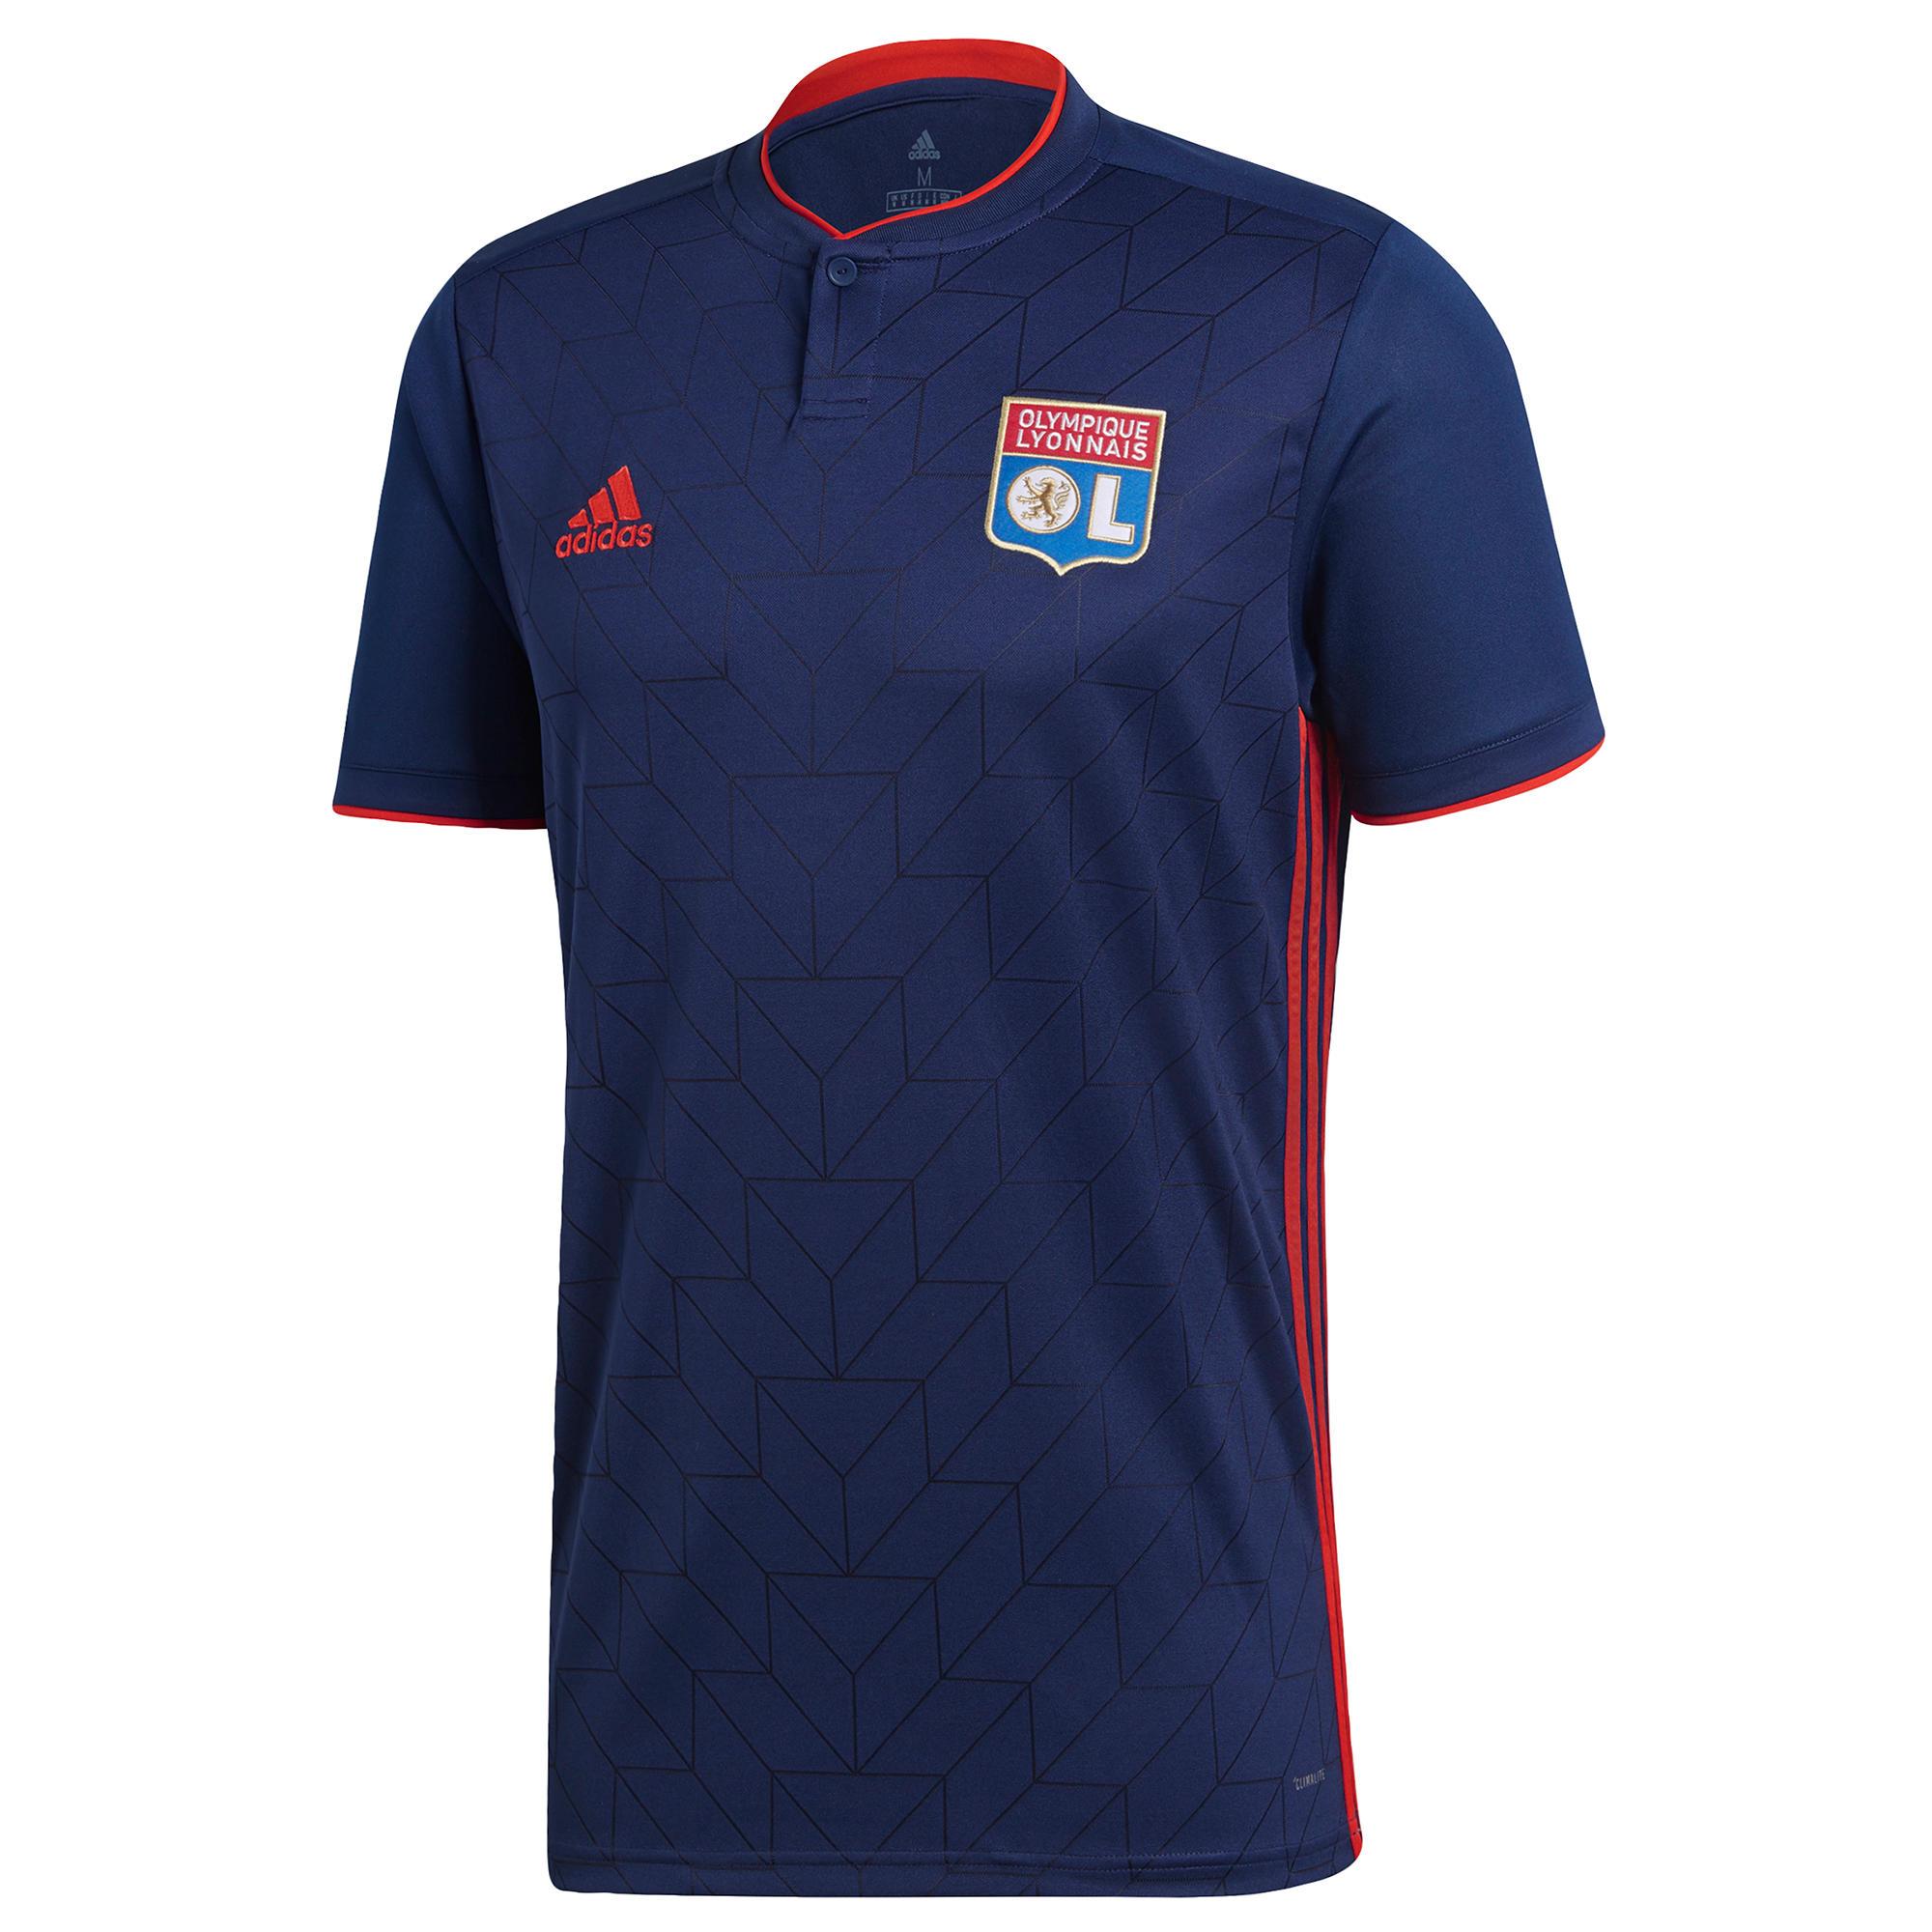 3439e588a5 Comprar Camisetas de Fútbol para Adultos y Niños